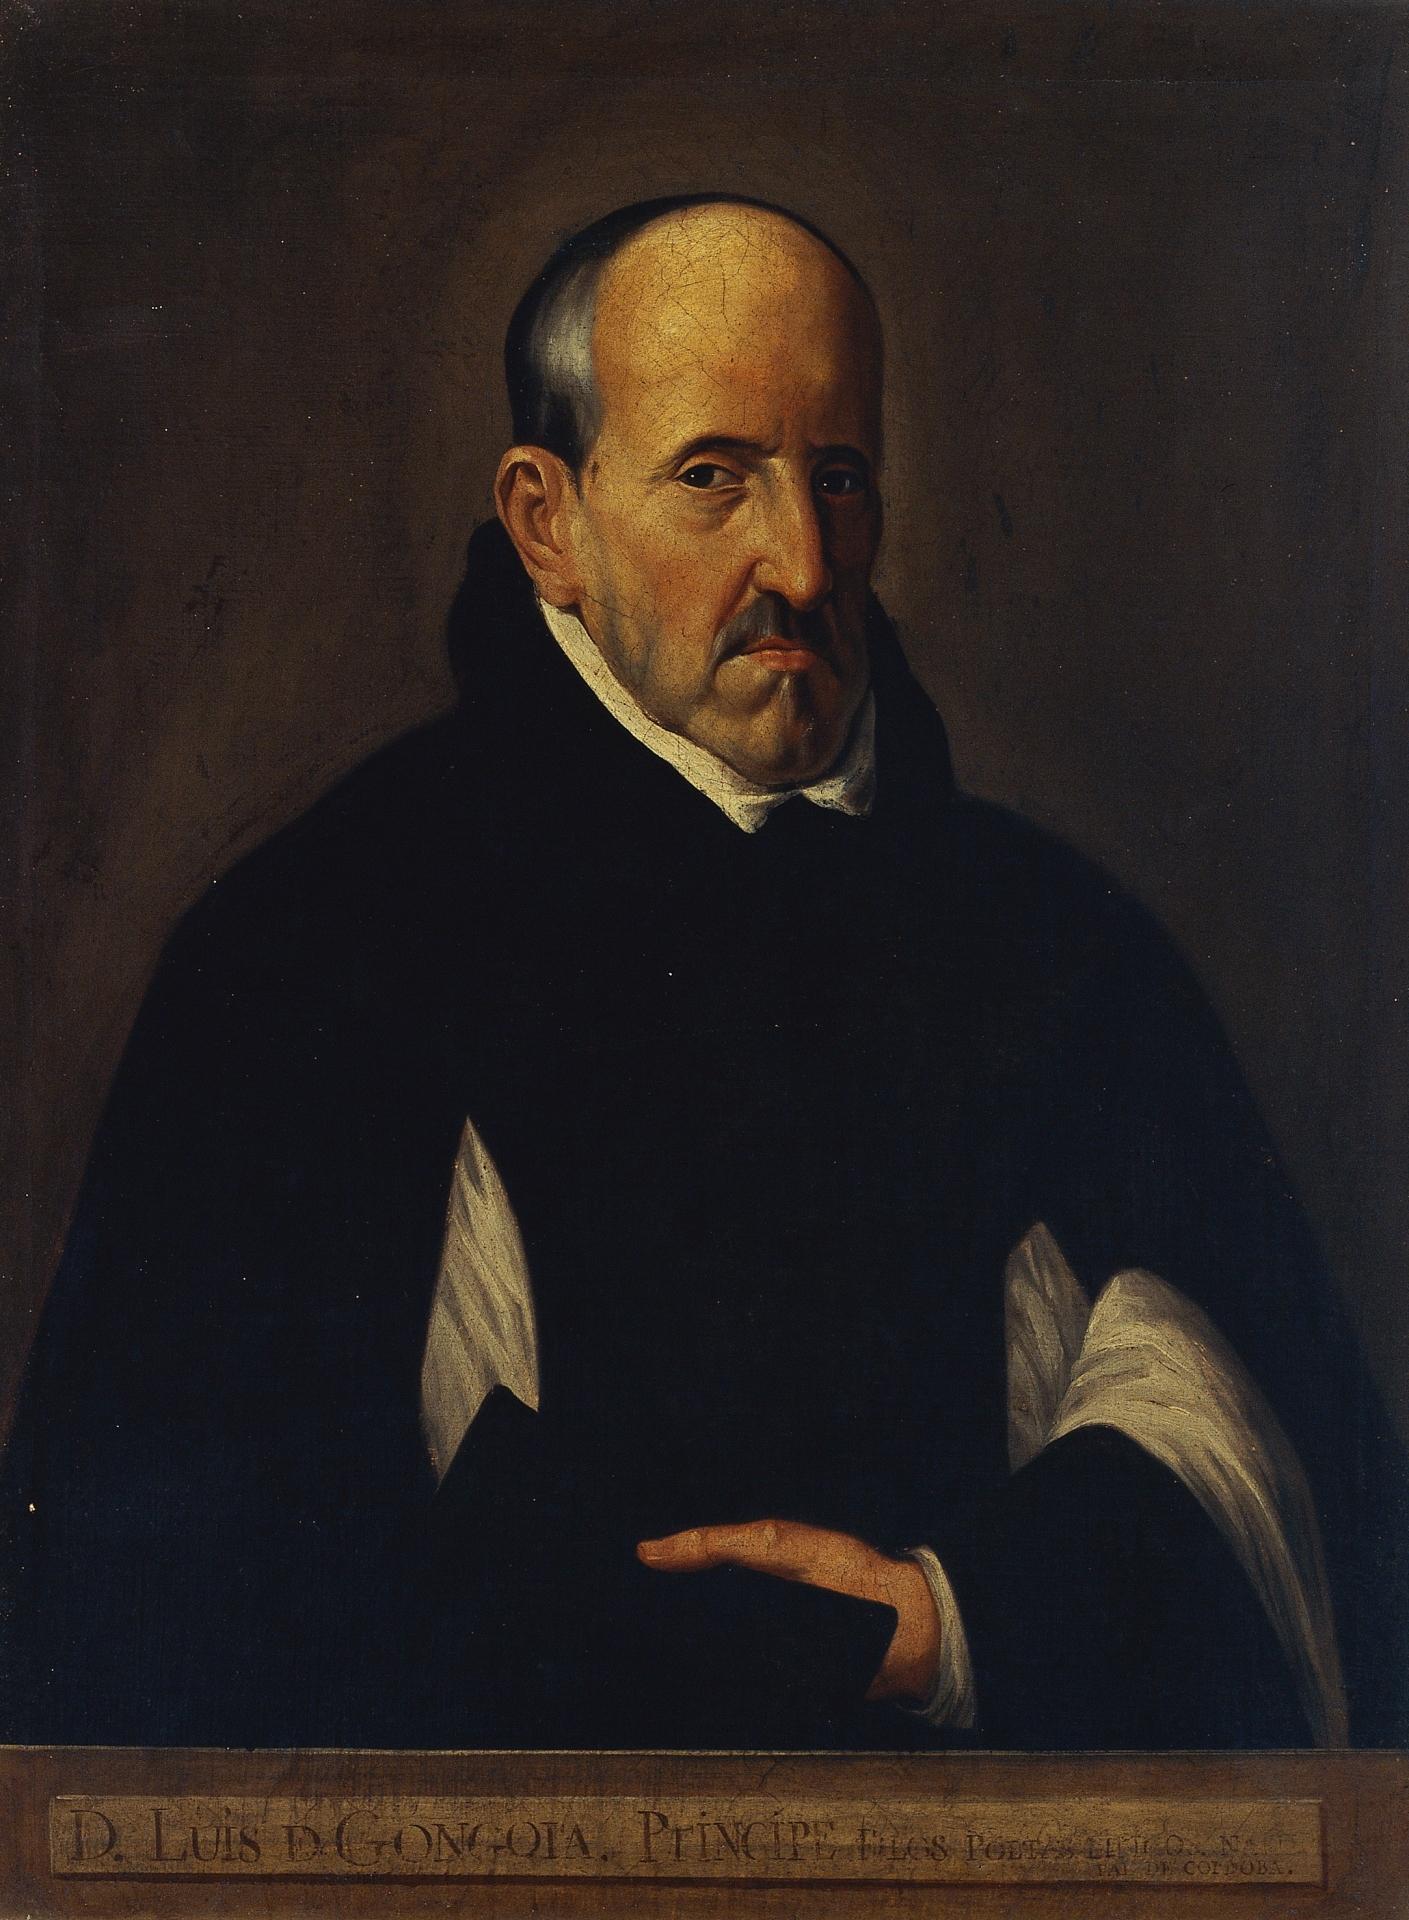 File:Luis de Góngora y Argote (Museo del Prado).jpg - Wikimedia Commons